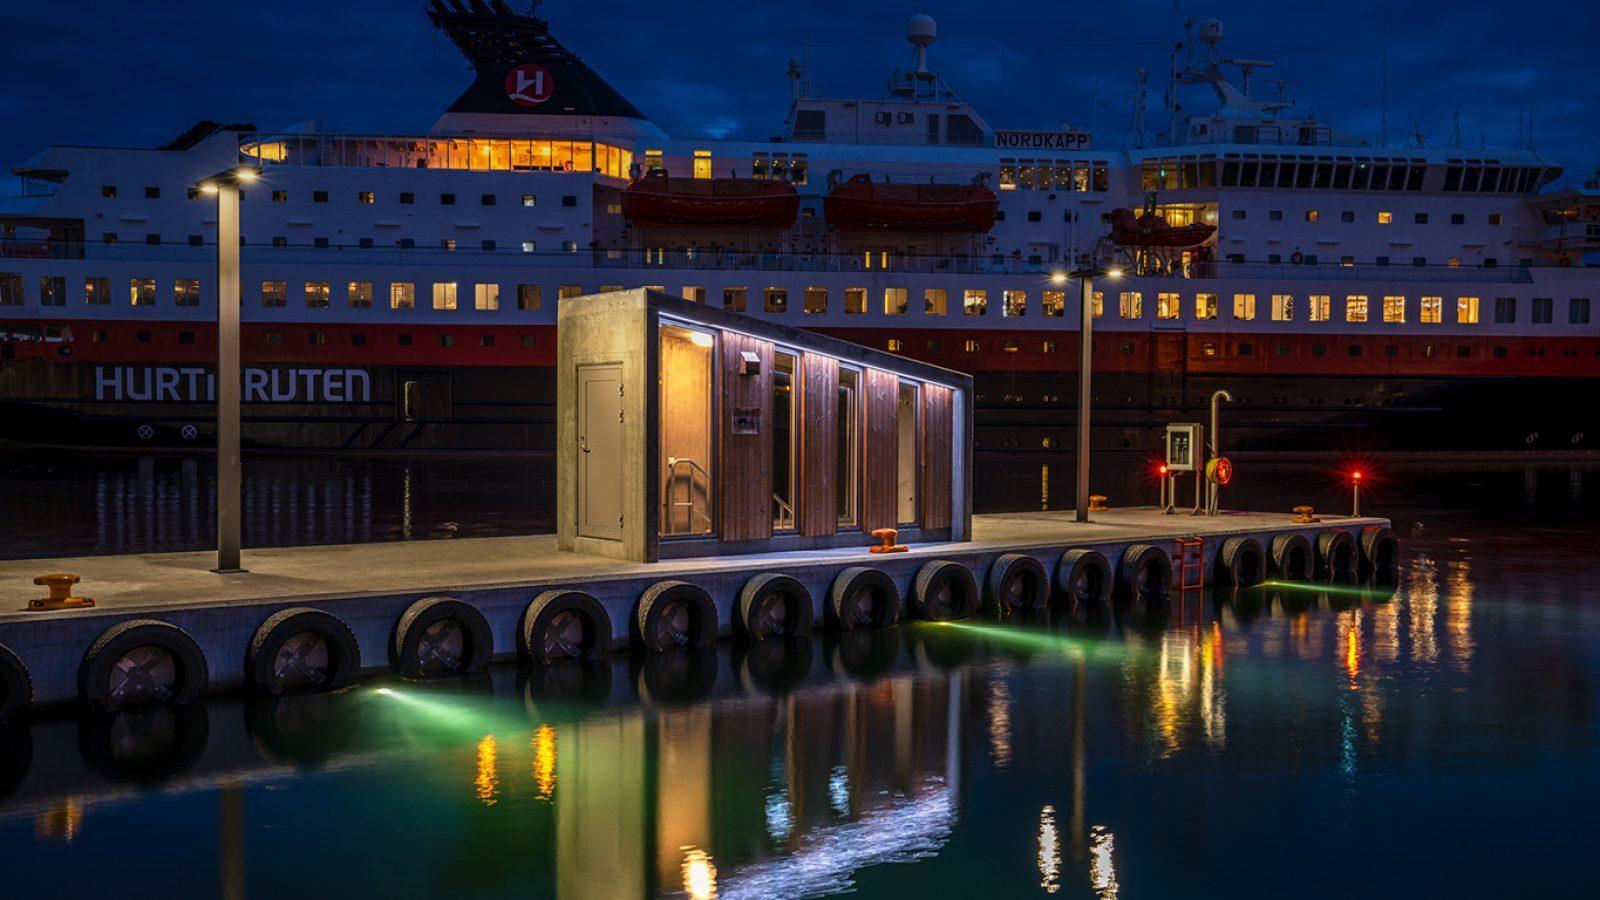 https://marinasolutions.no/uploads/Rådhusbrygga-by-night_Undervannsbelysning-Ålesund-havn.jpg